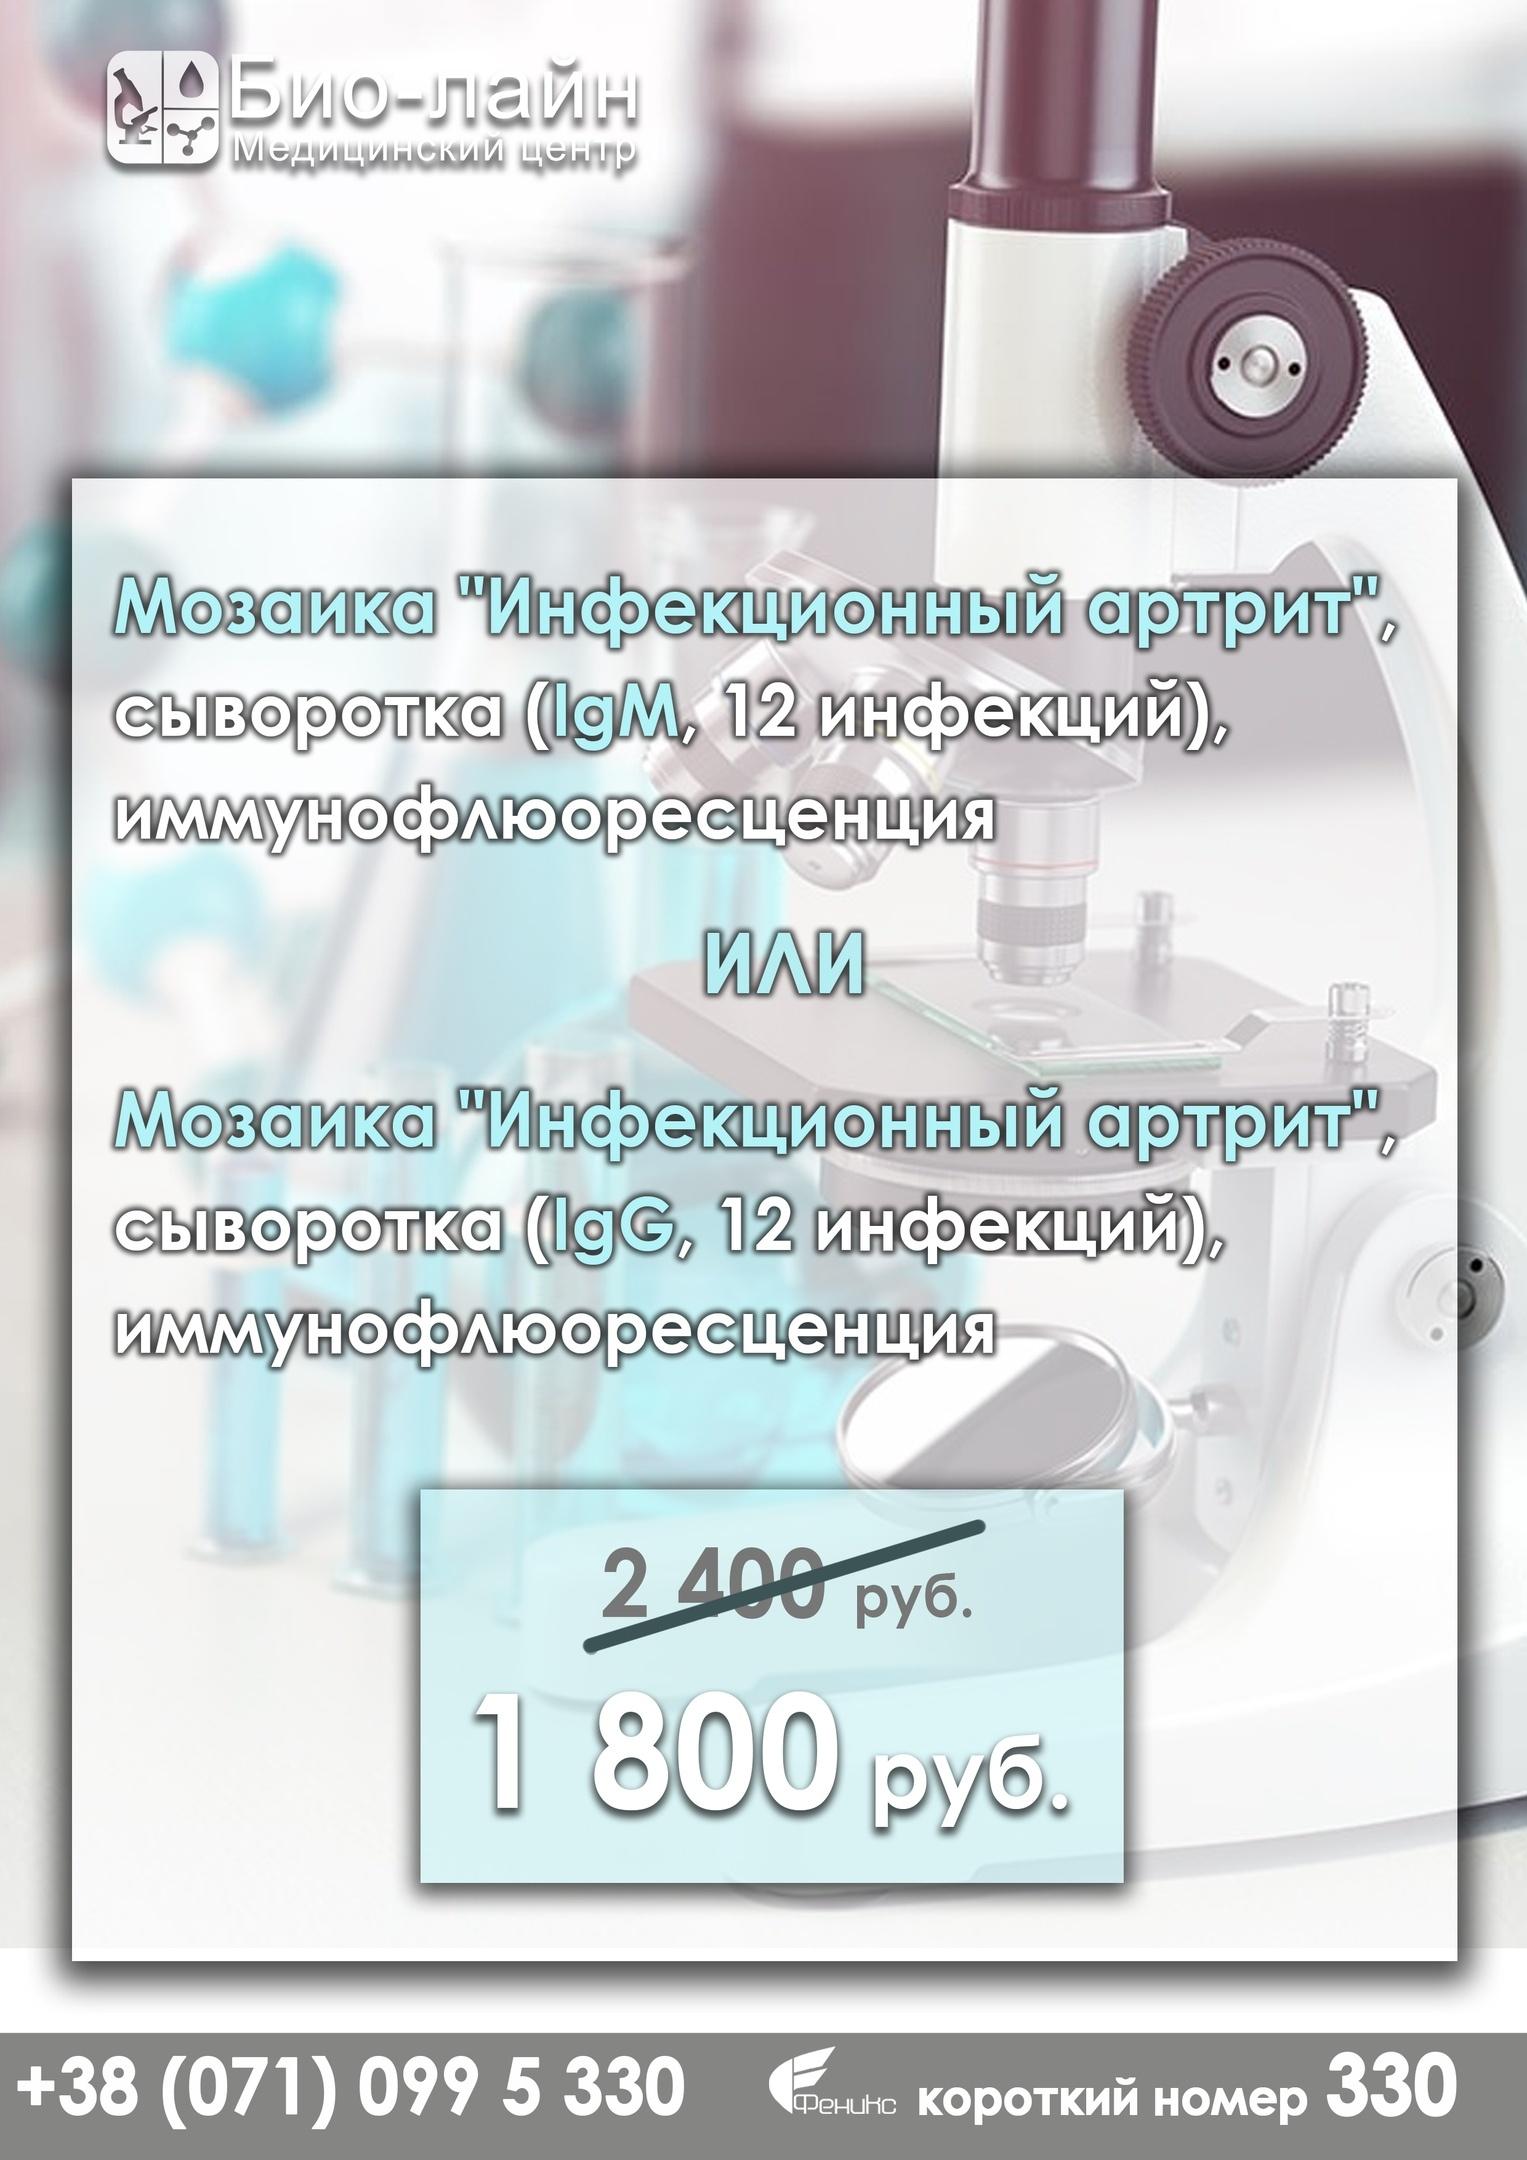 6xBFsyfuv-0